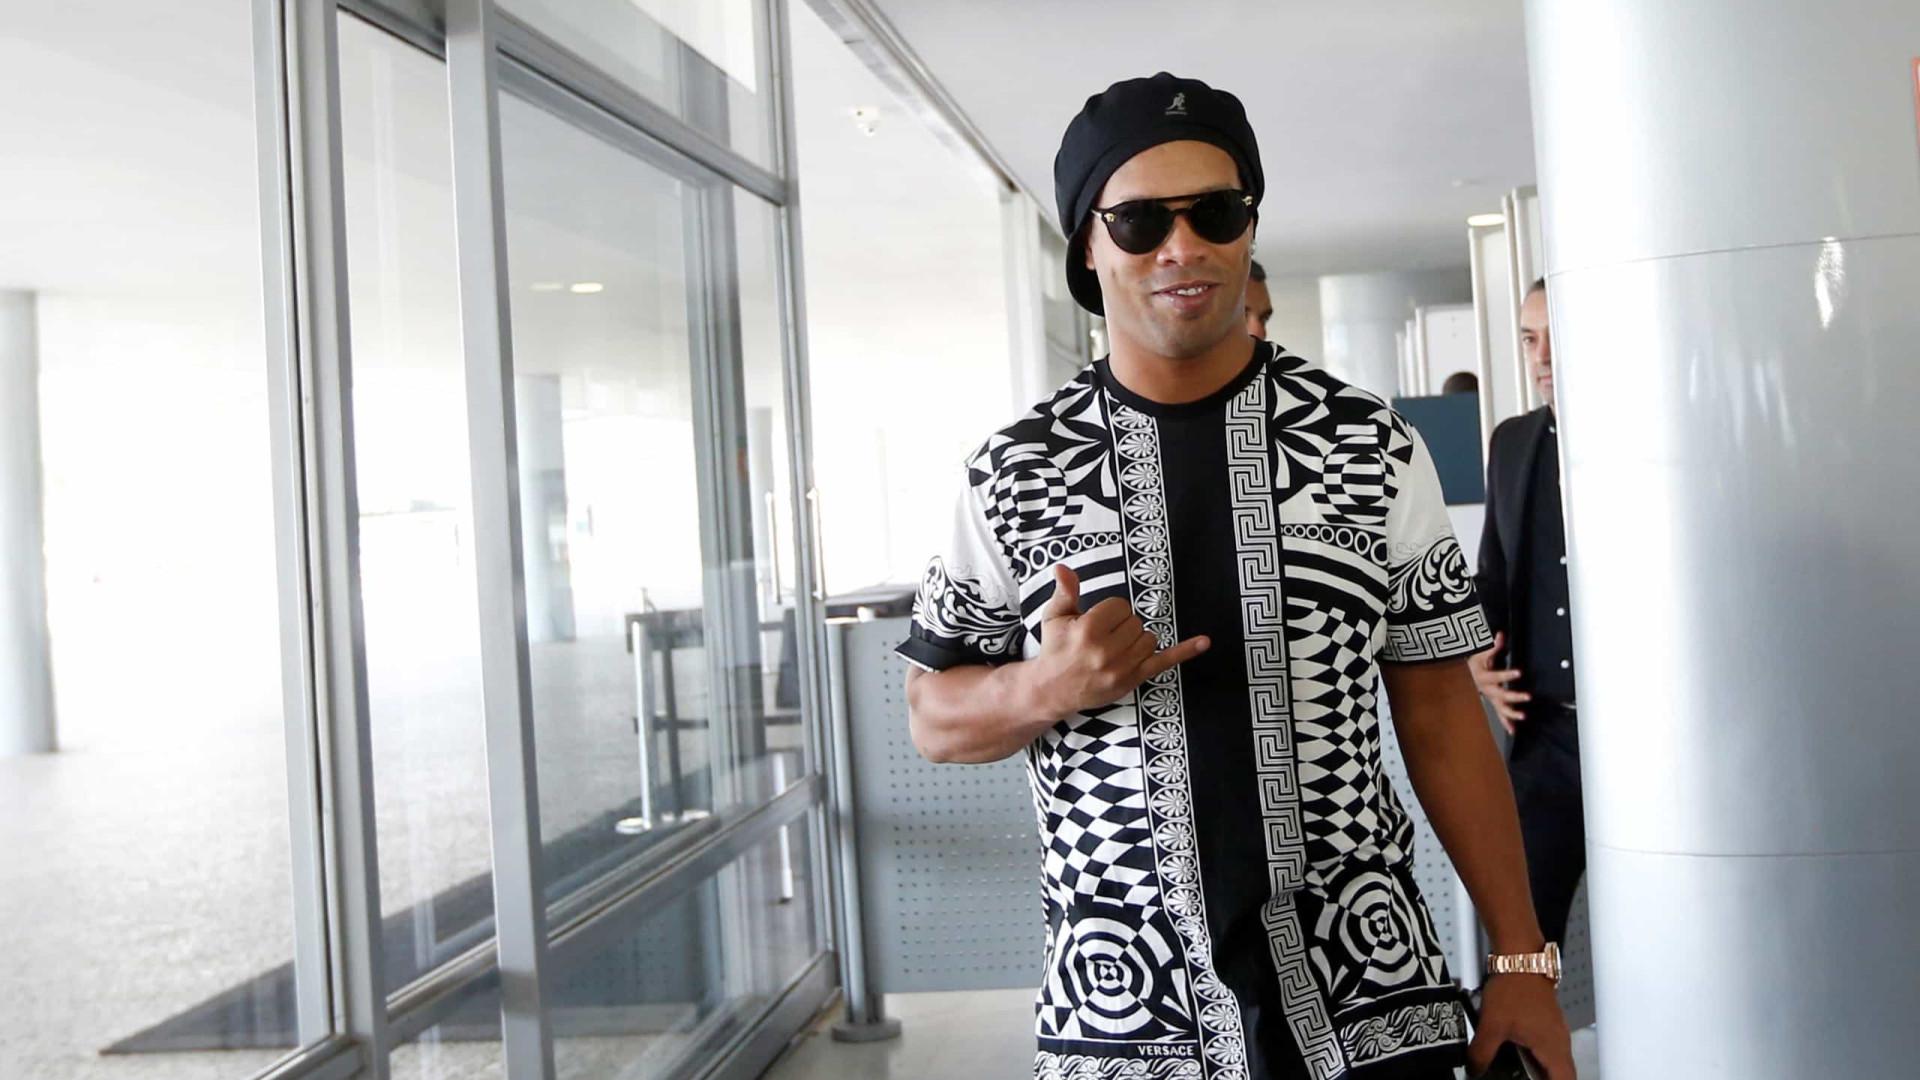 Ronaldinho é diagnosticado com covid-19 e cancela presença em evento no Mineirão